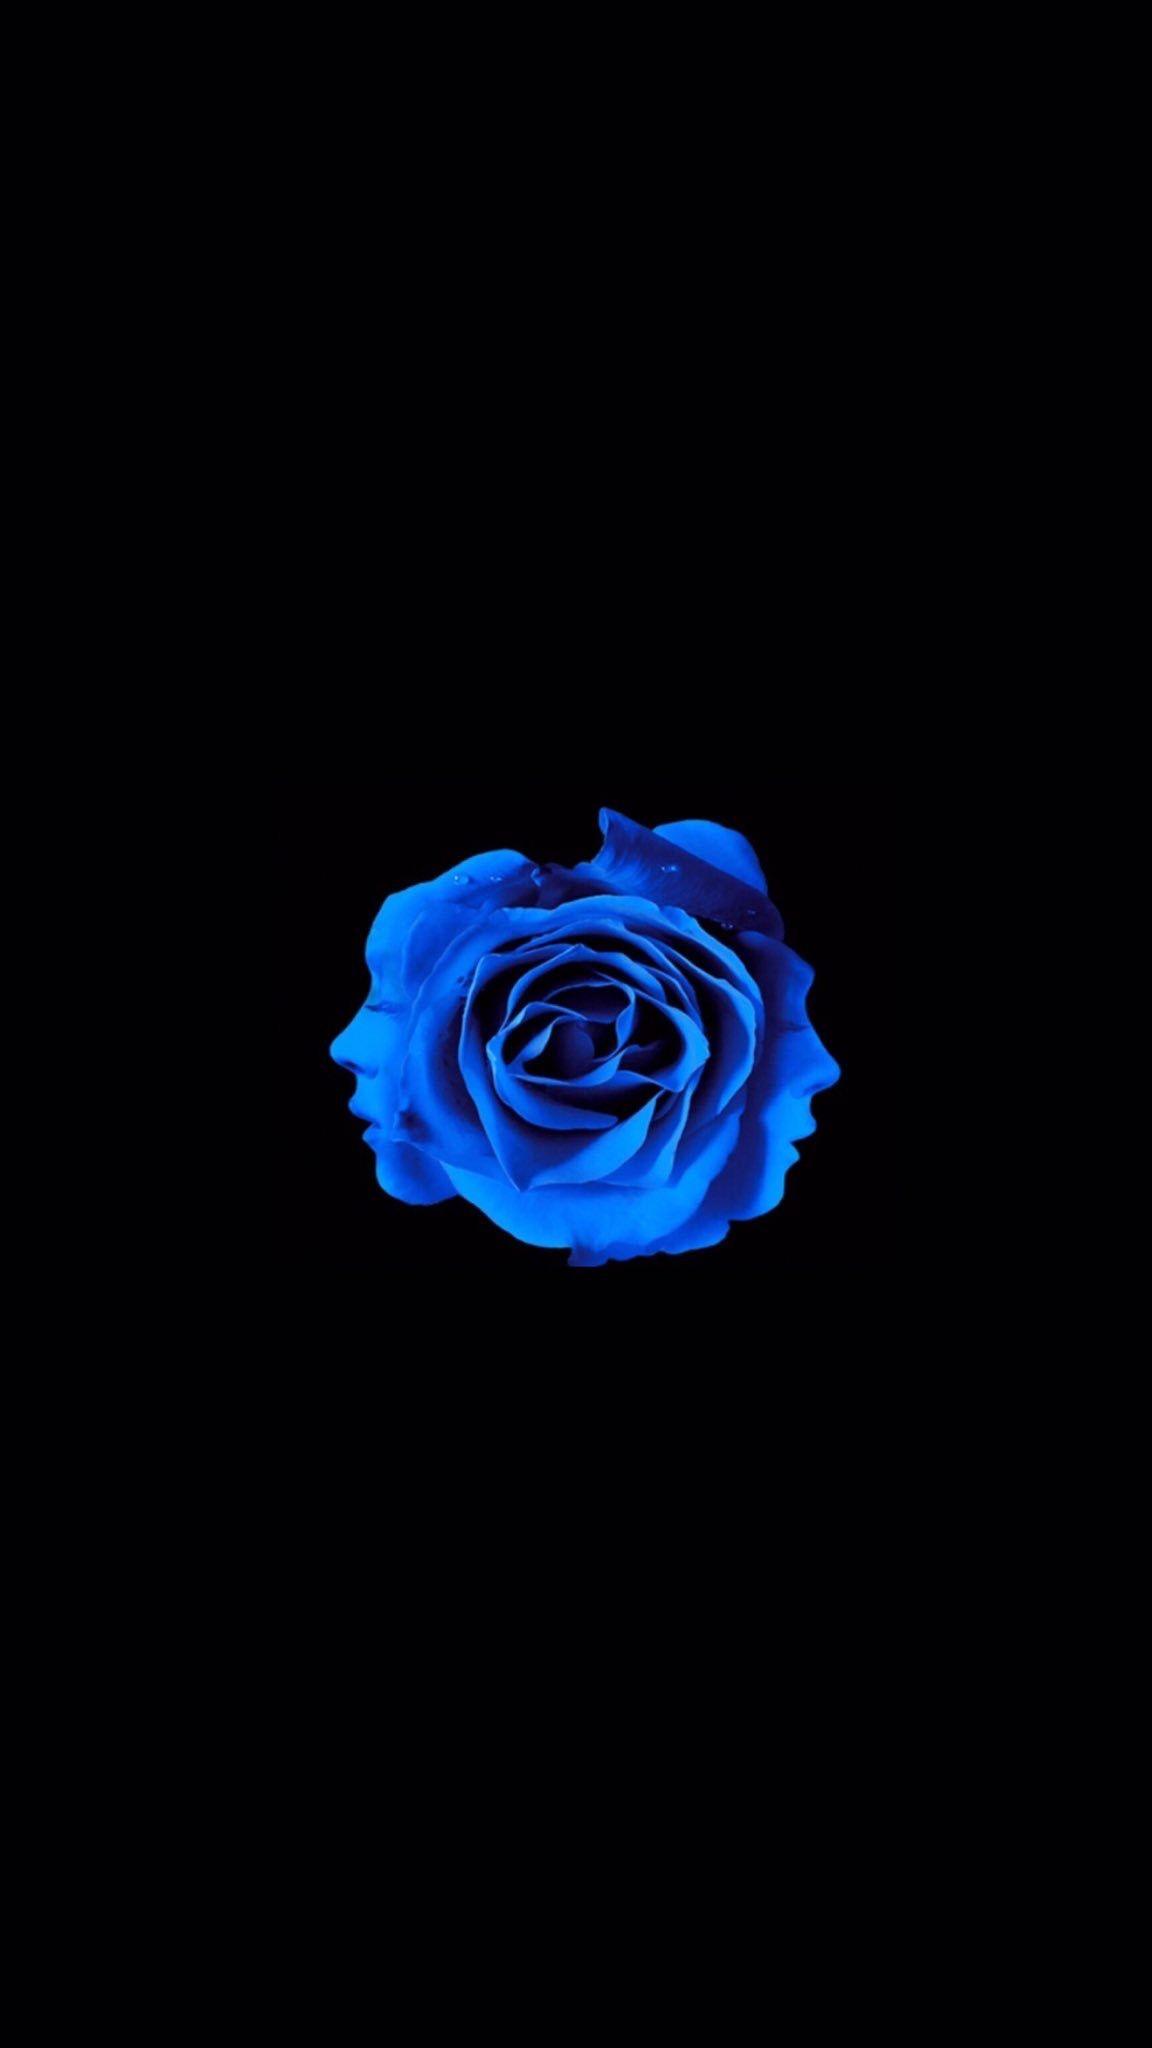 Mino S Blue Rose Wallpaper 3 Blue Roses Wallpaper Rose Wallpaper Blue Rose Tattoos